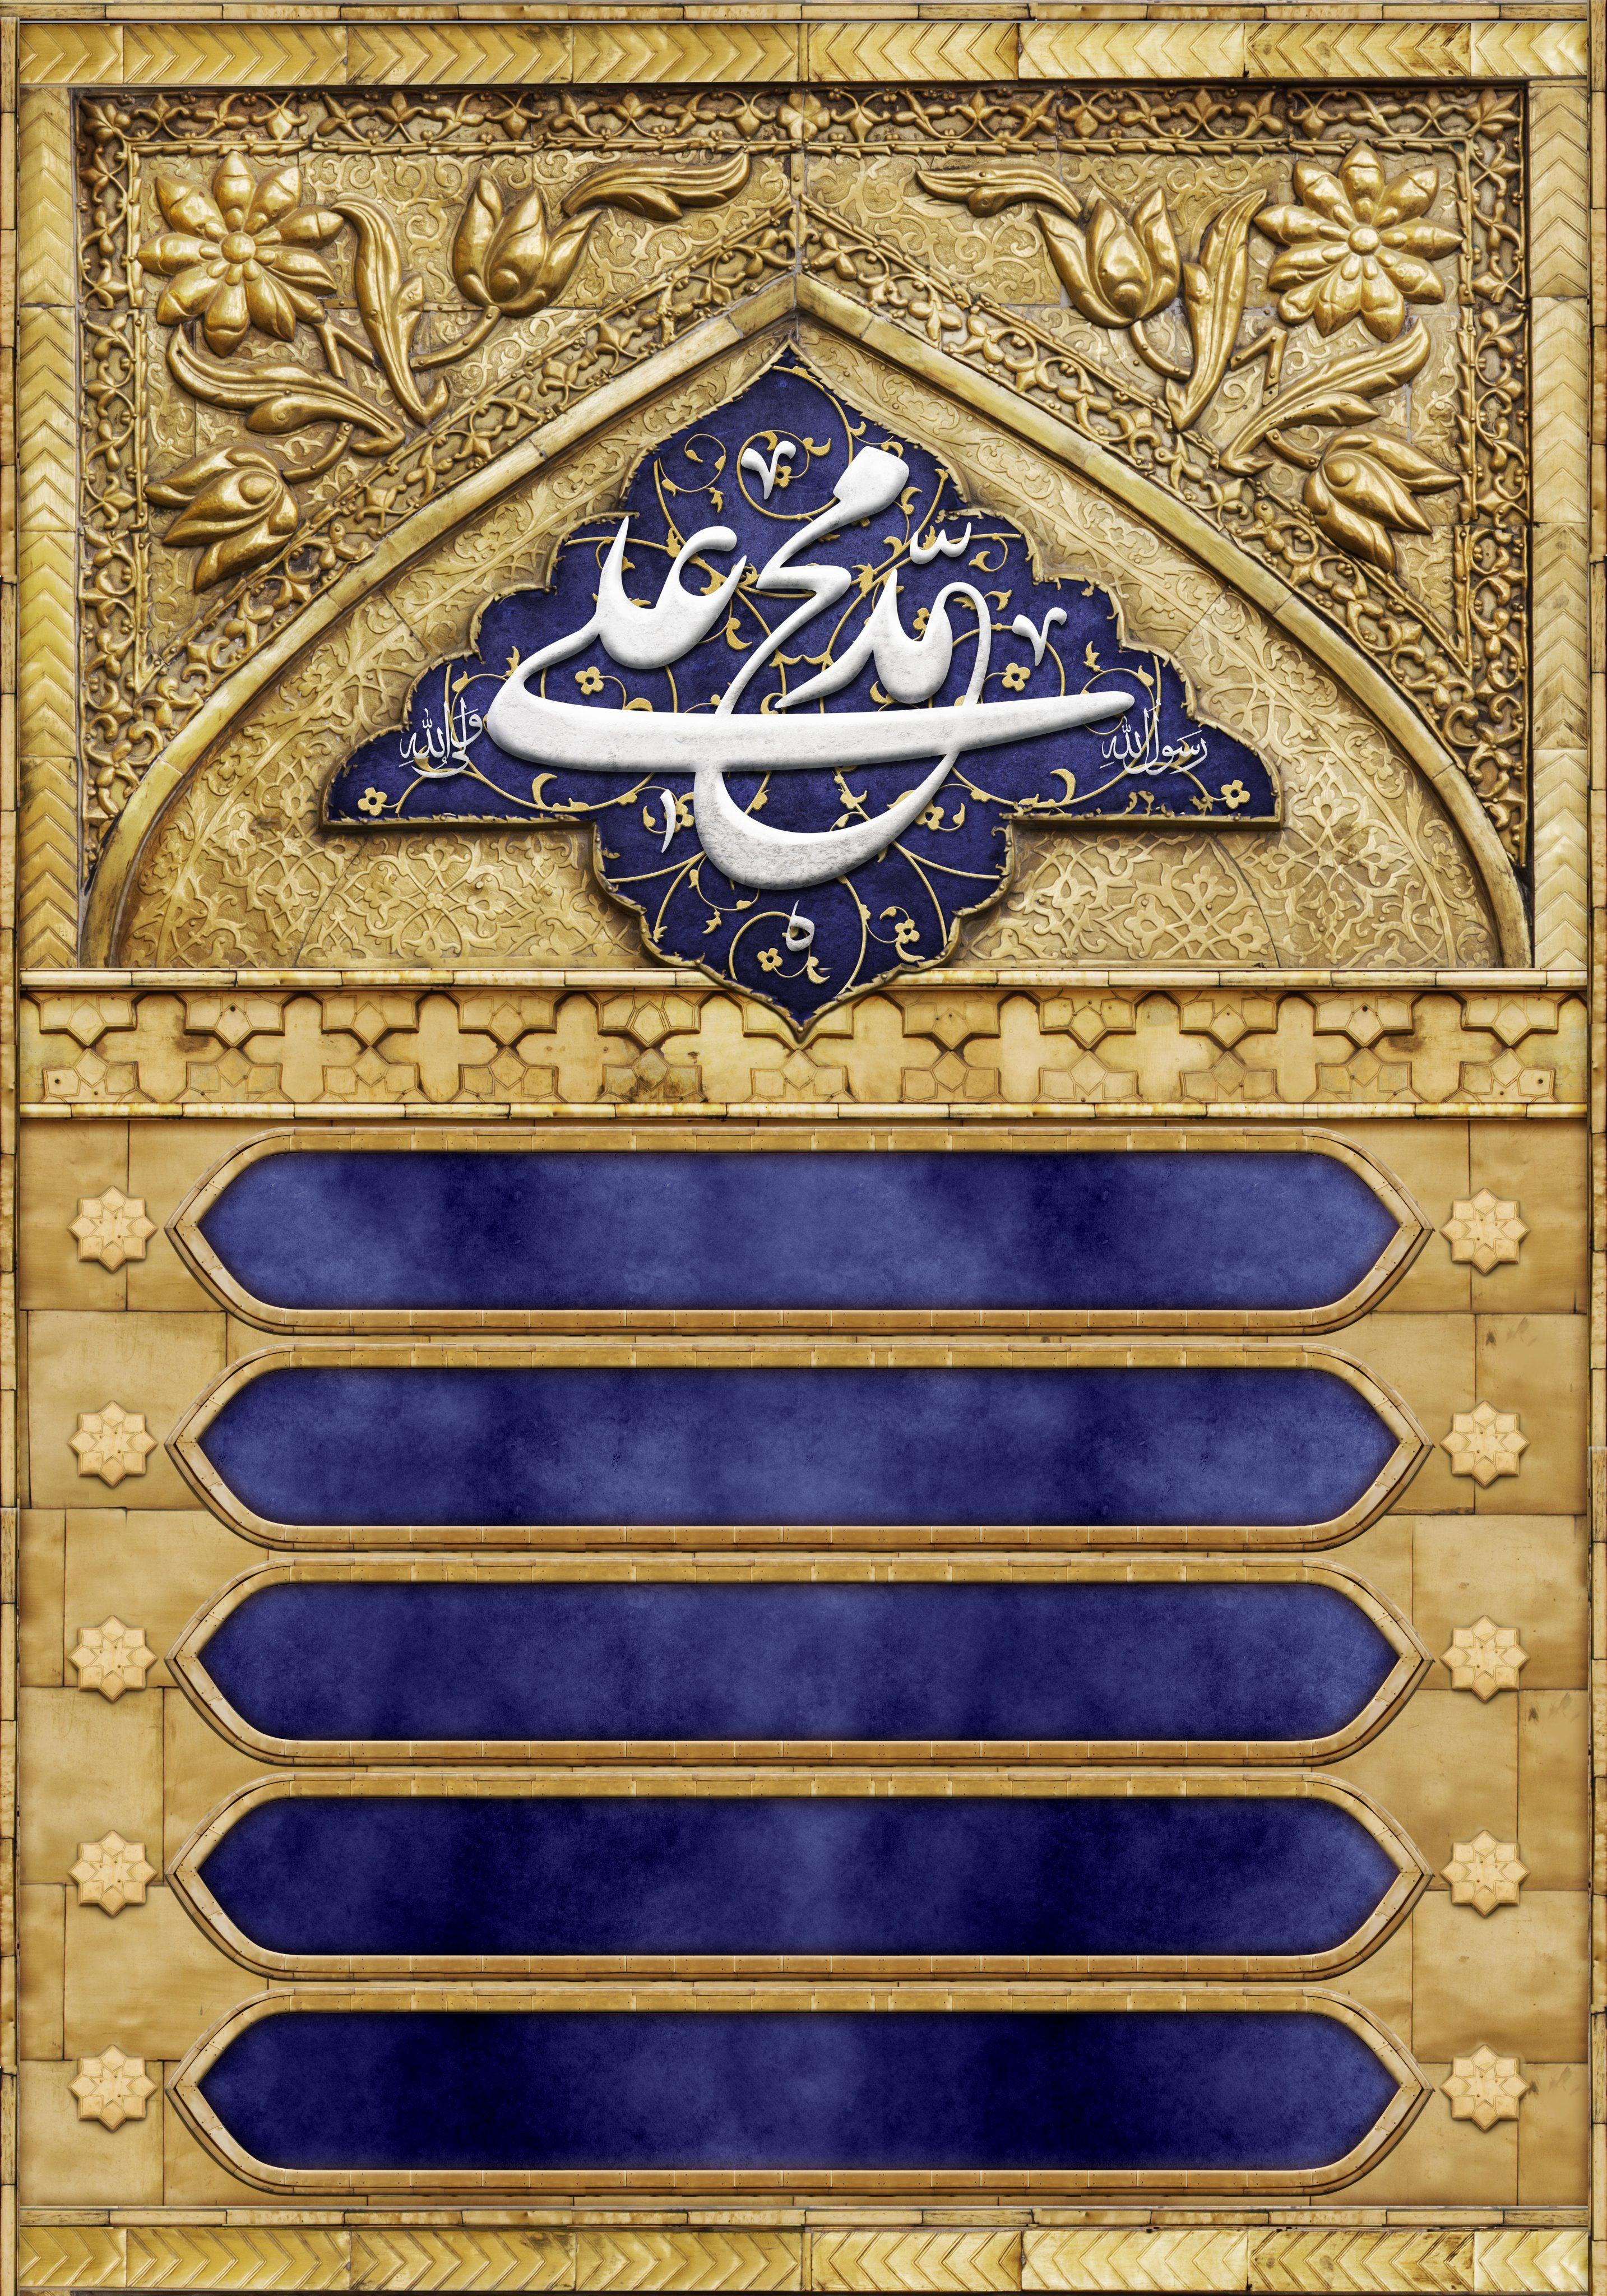 پوستر اطلاع رسانی عید غدیر